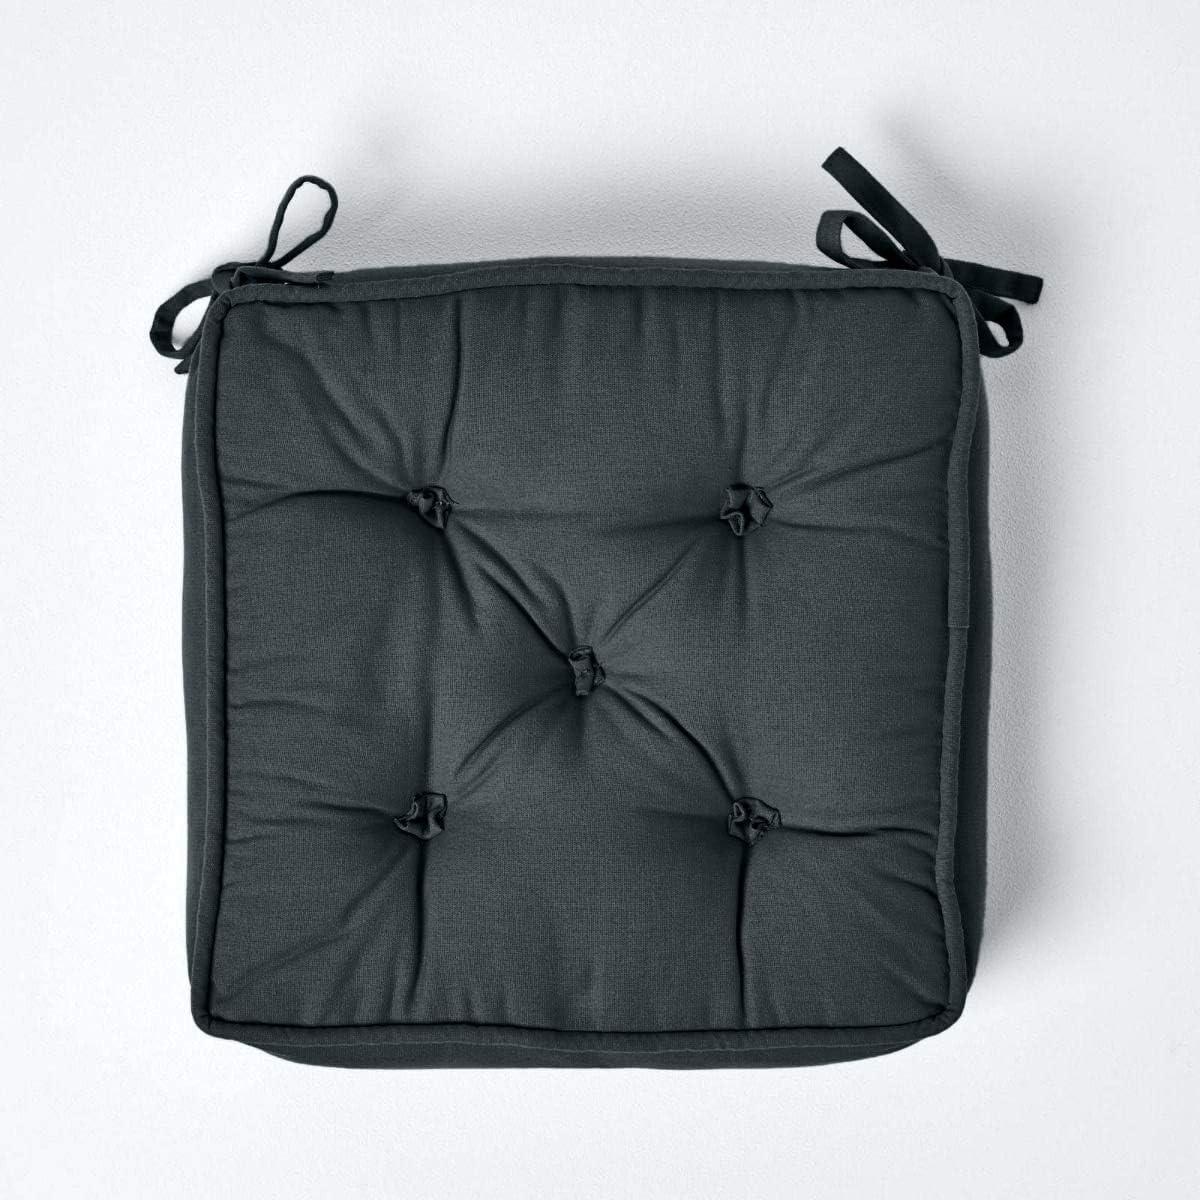 HOMESCAPES Coussin de Chaise Gris Ardoise matelassé avec Boutons capitonnés de 40 x 40 x 10 cm